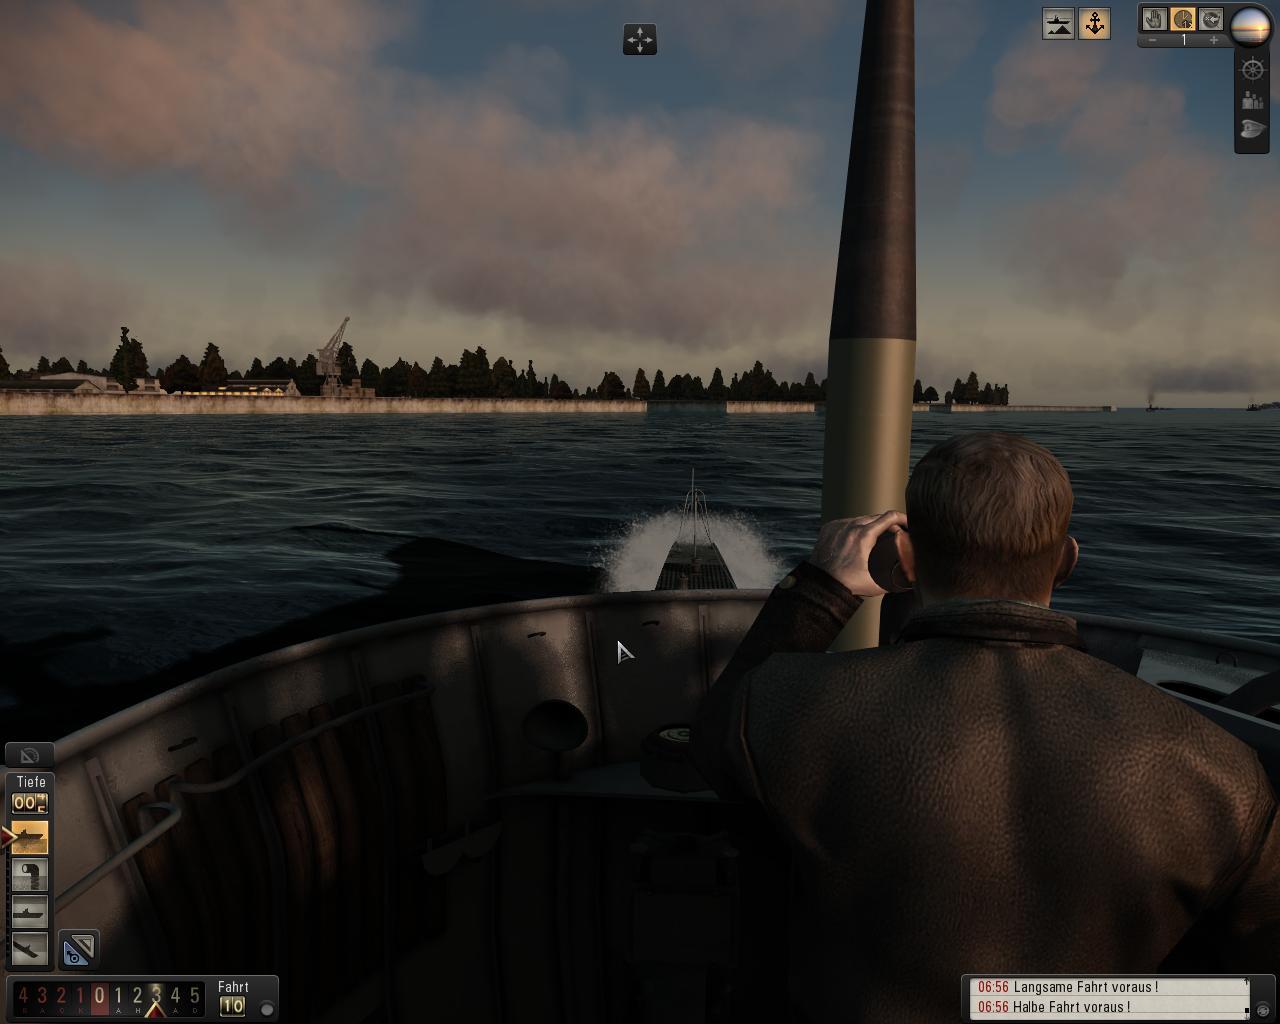 Spieletest: Silent Hunter 5 - spielerische Untiefen - Rundfahrt im Hafen von Kiel